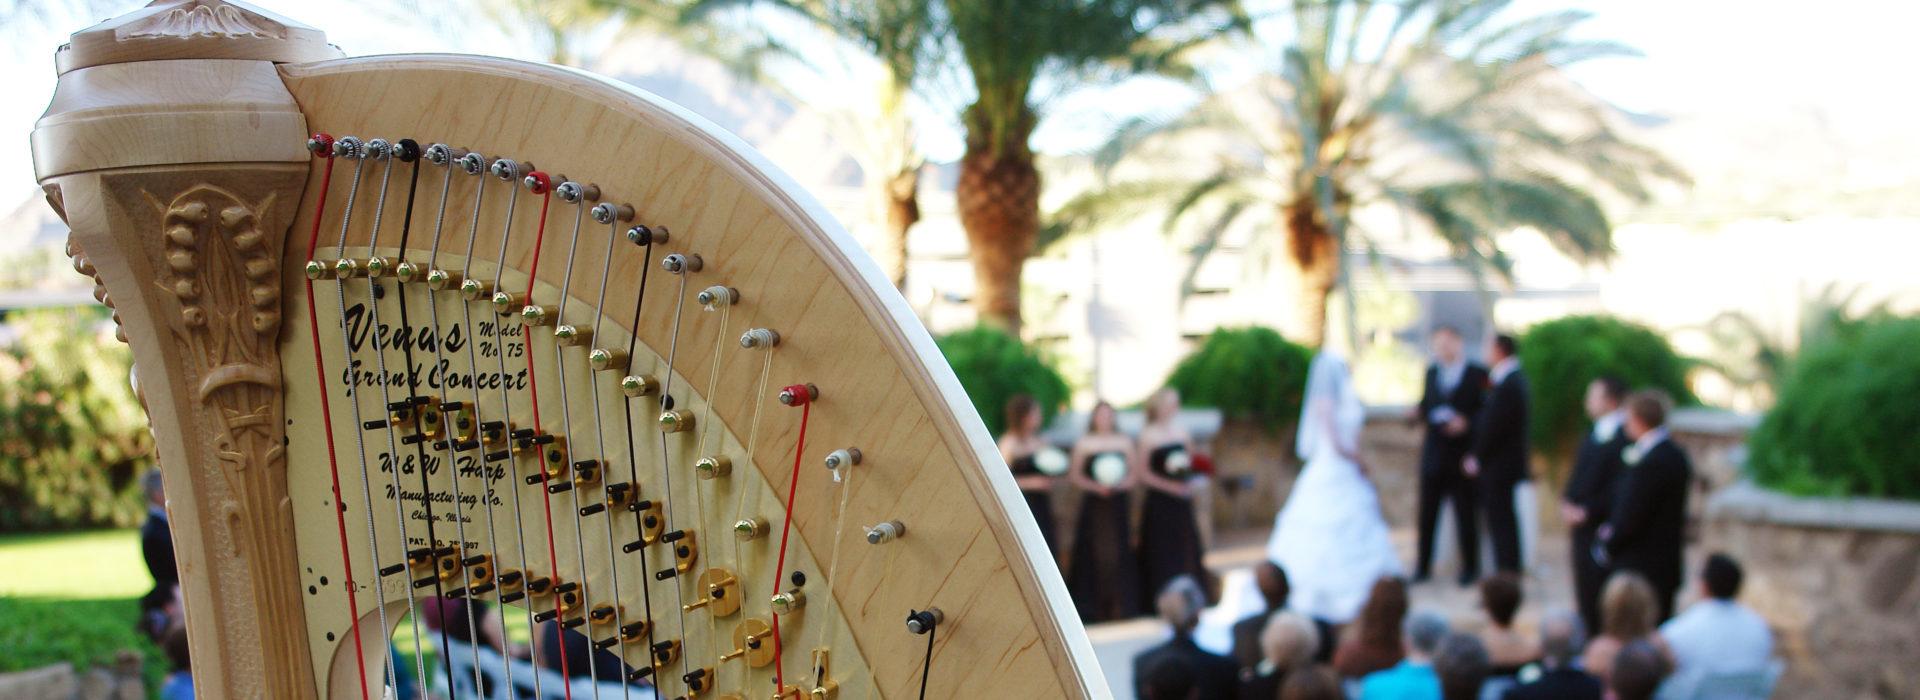 Elegant Harp Music